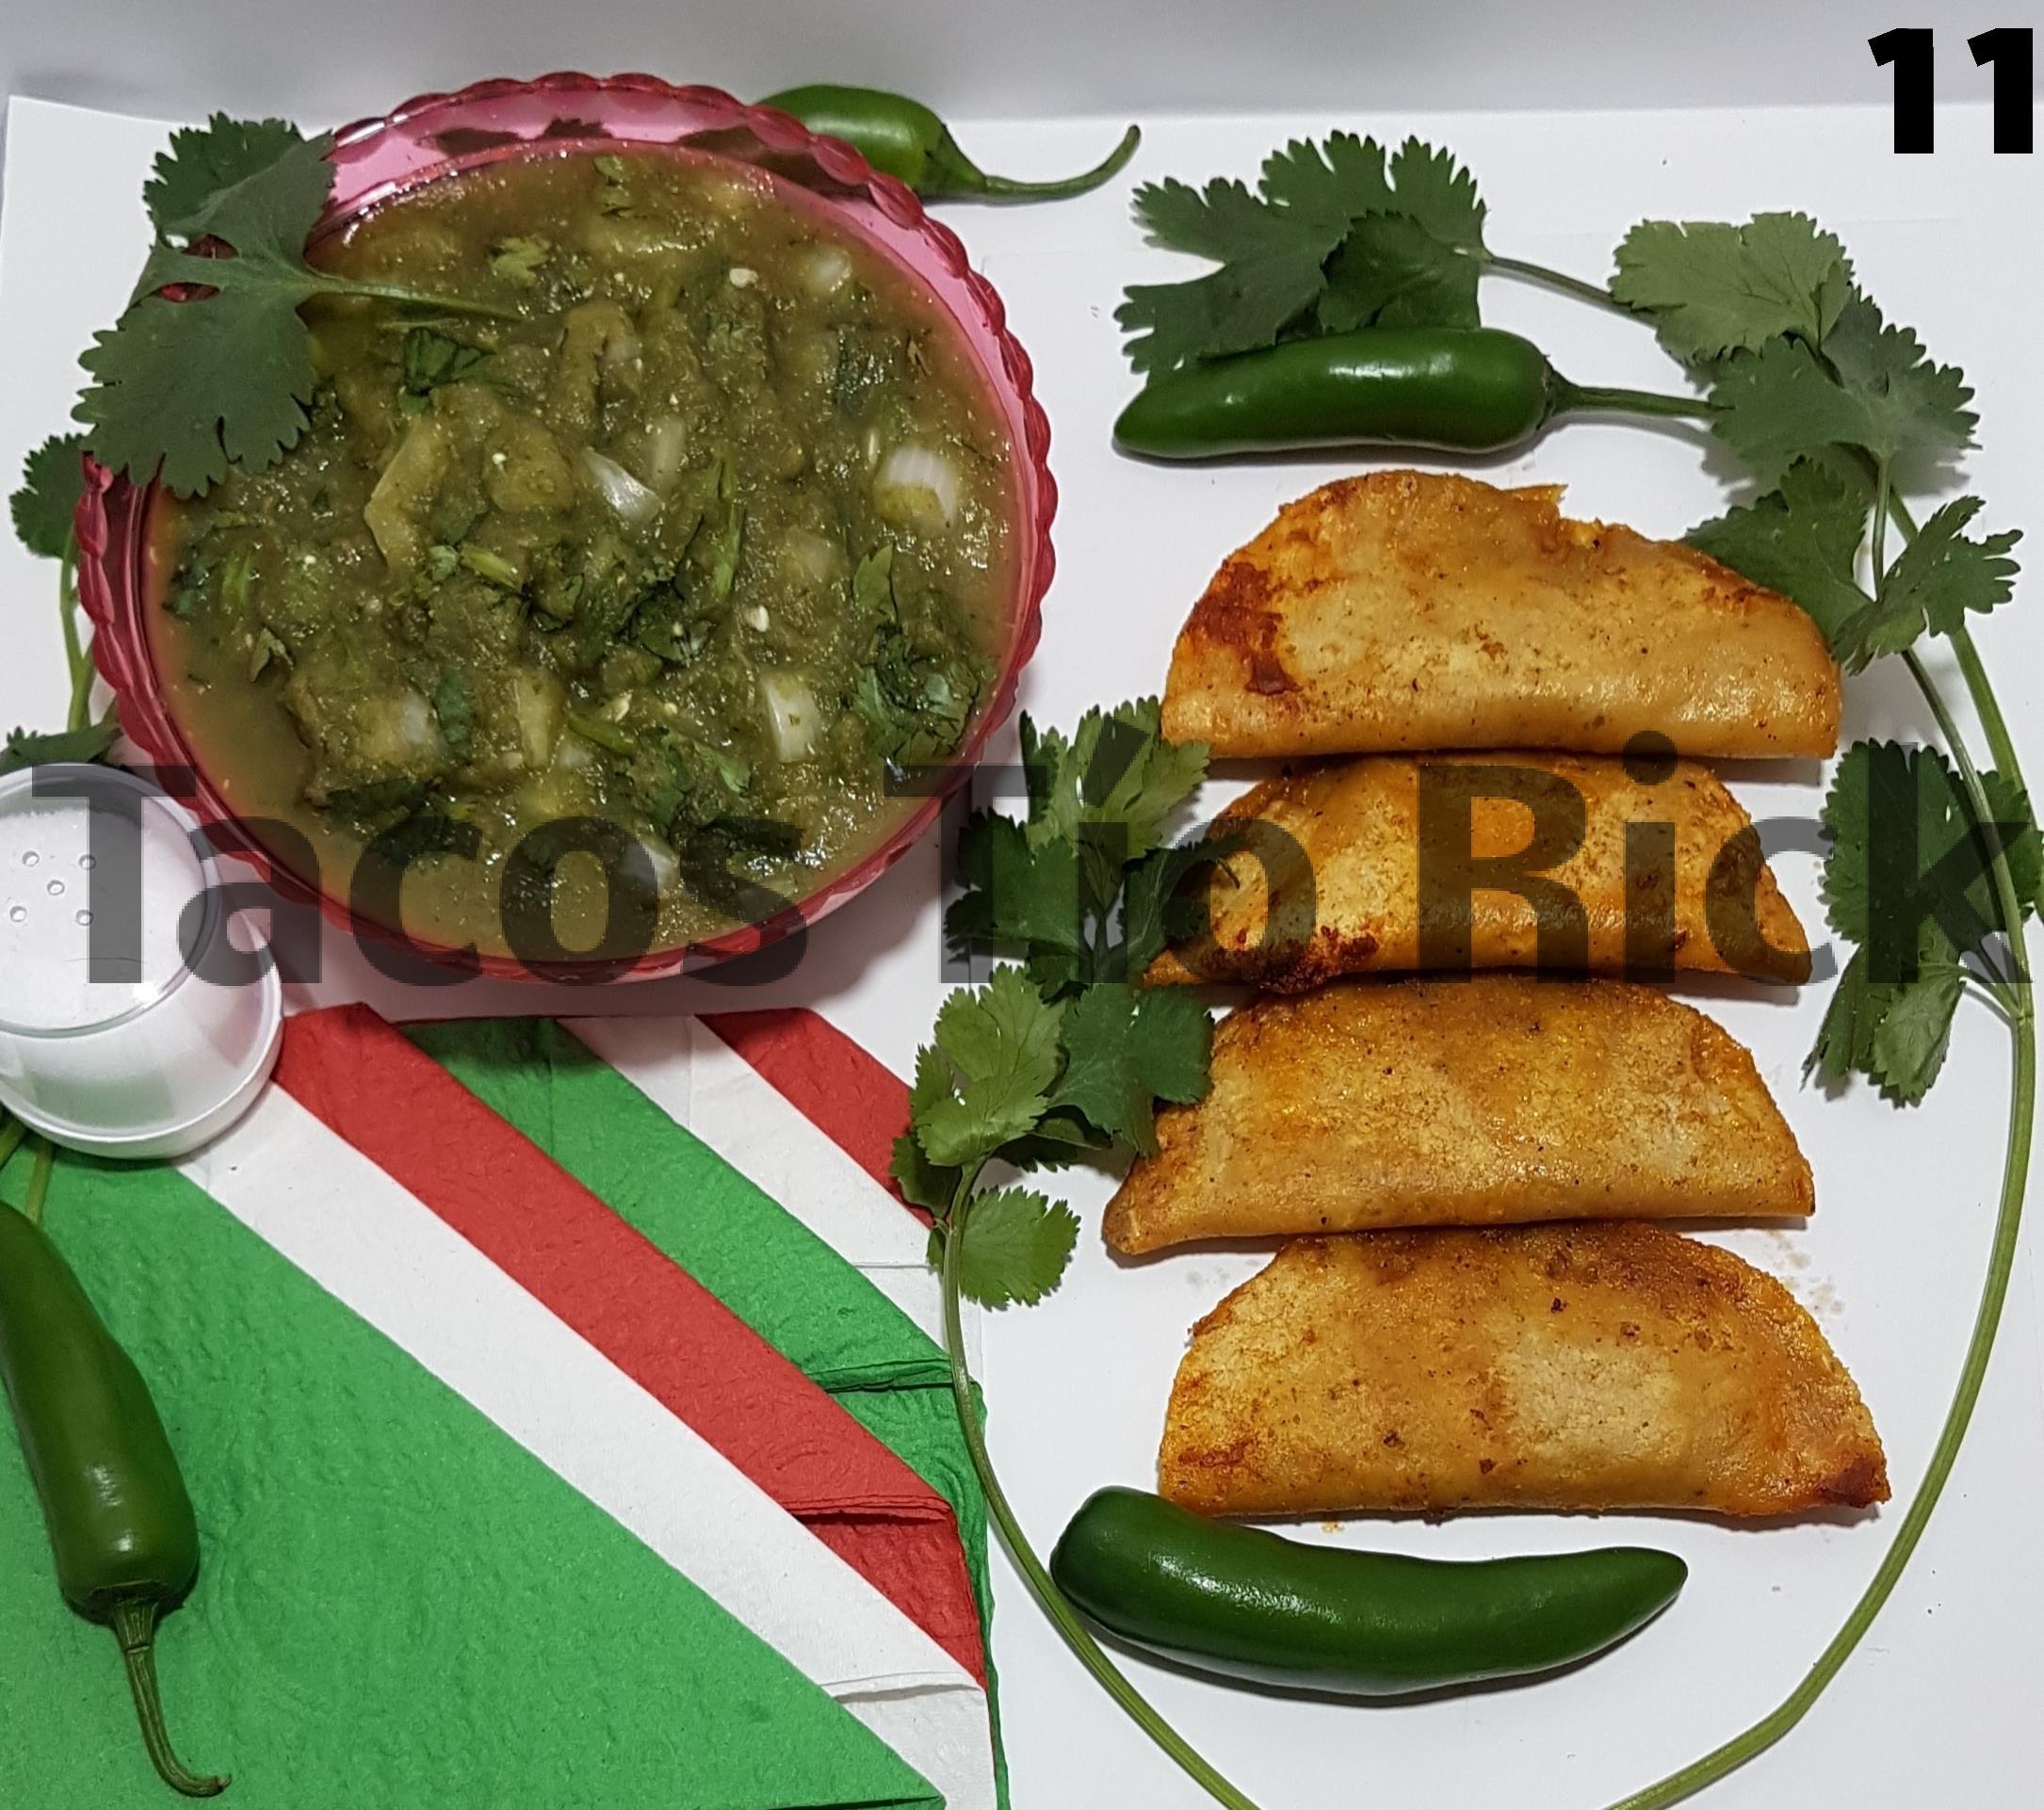 Tacos #111